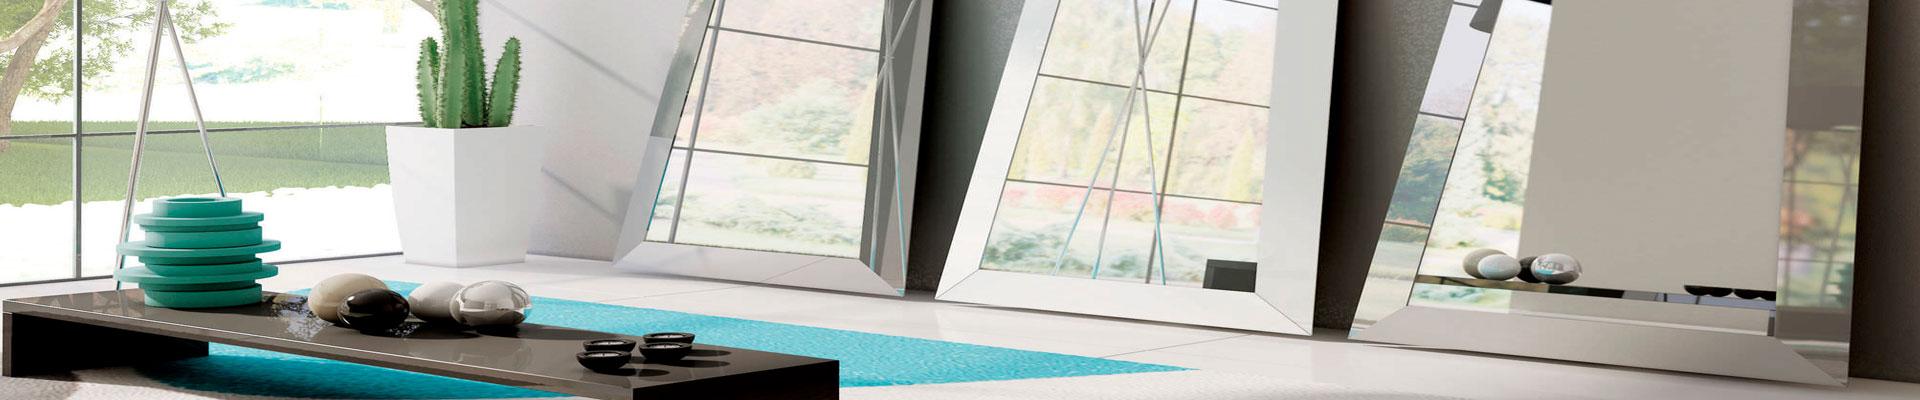 Glashandel Lievens - Glasfirma - Glascentrale - glazenmakers - glasbedrijf